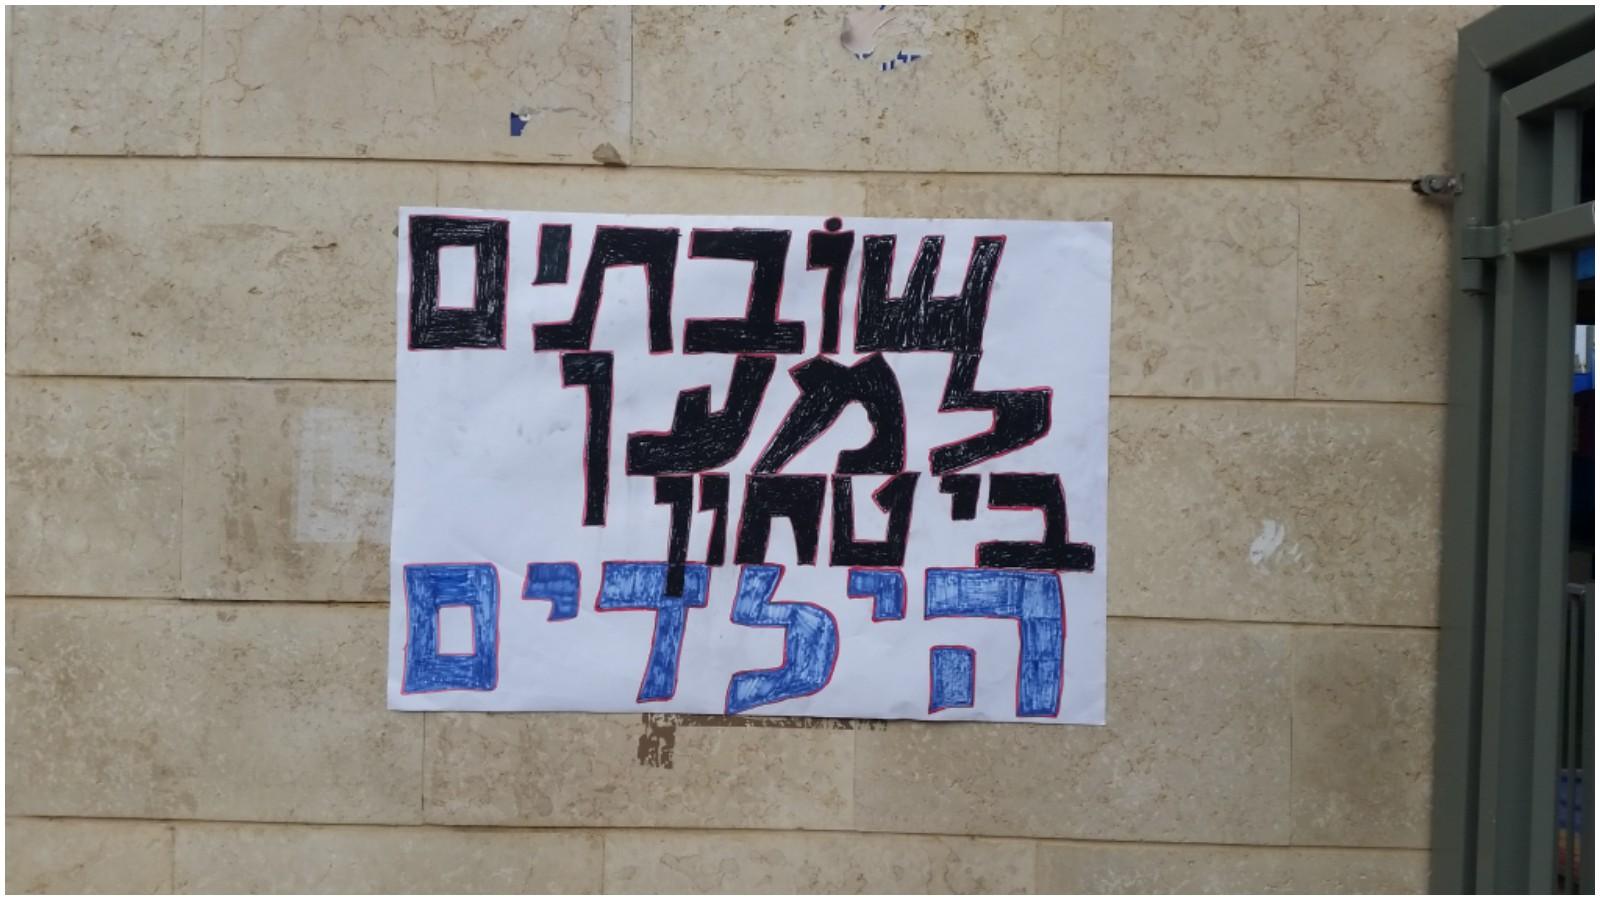 שלט המחאה באם המושבות. צילום: יעקב אברמוביץ